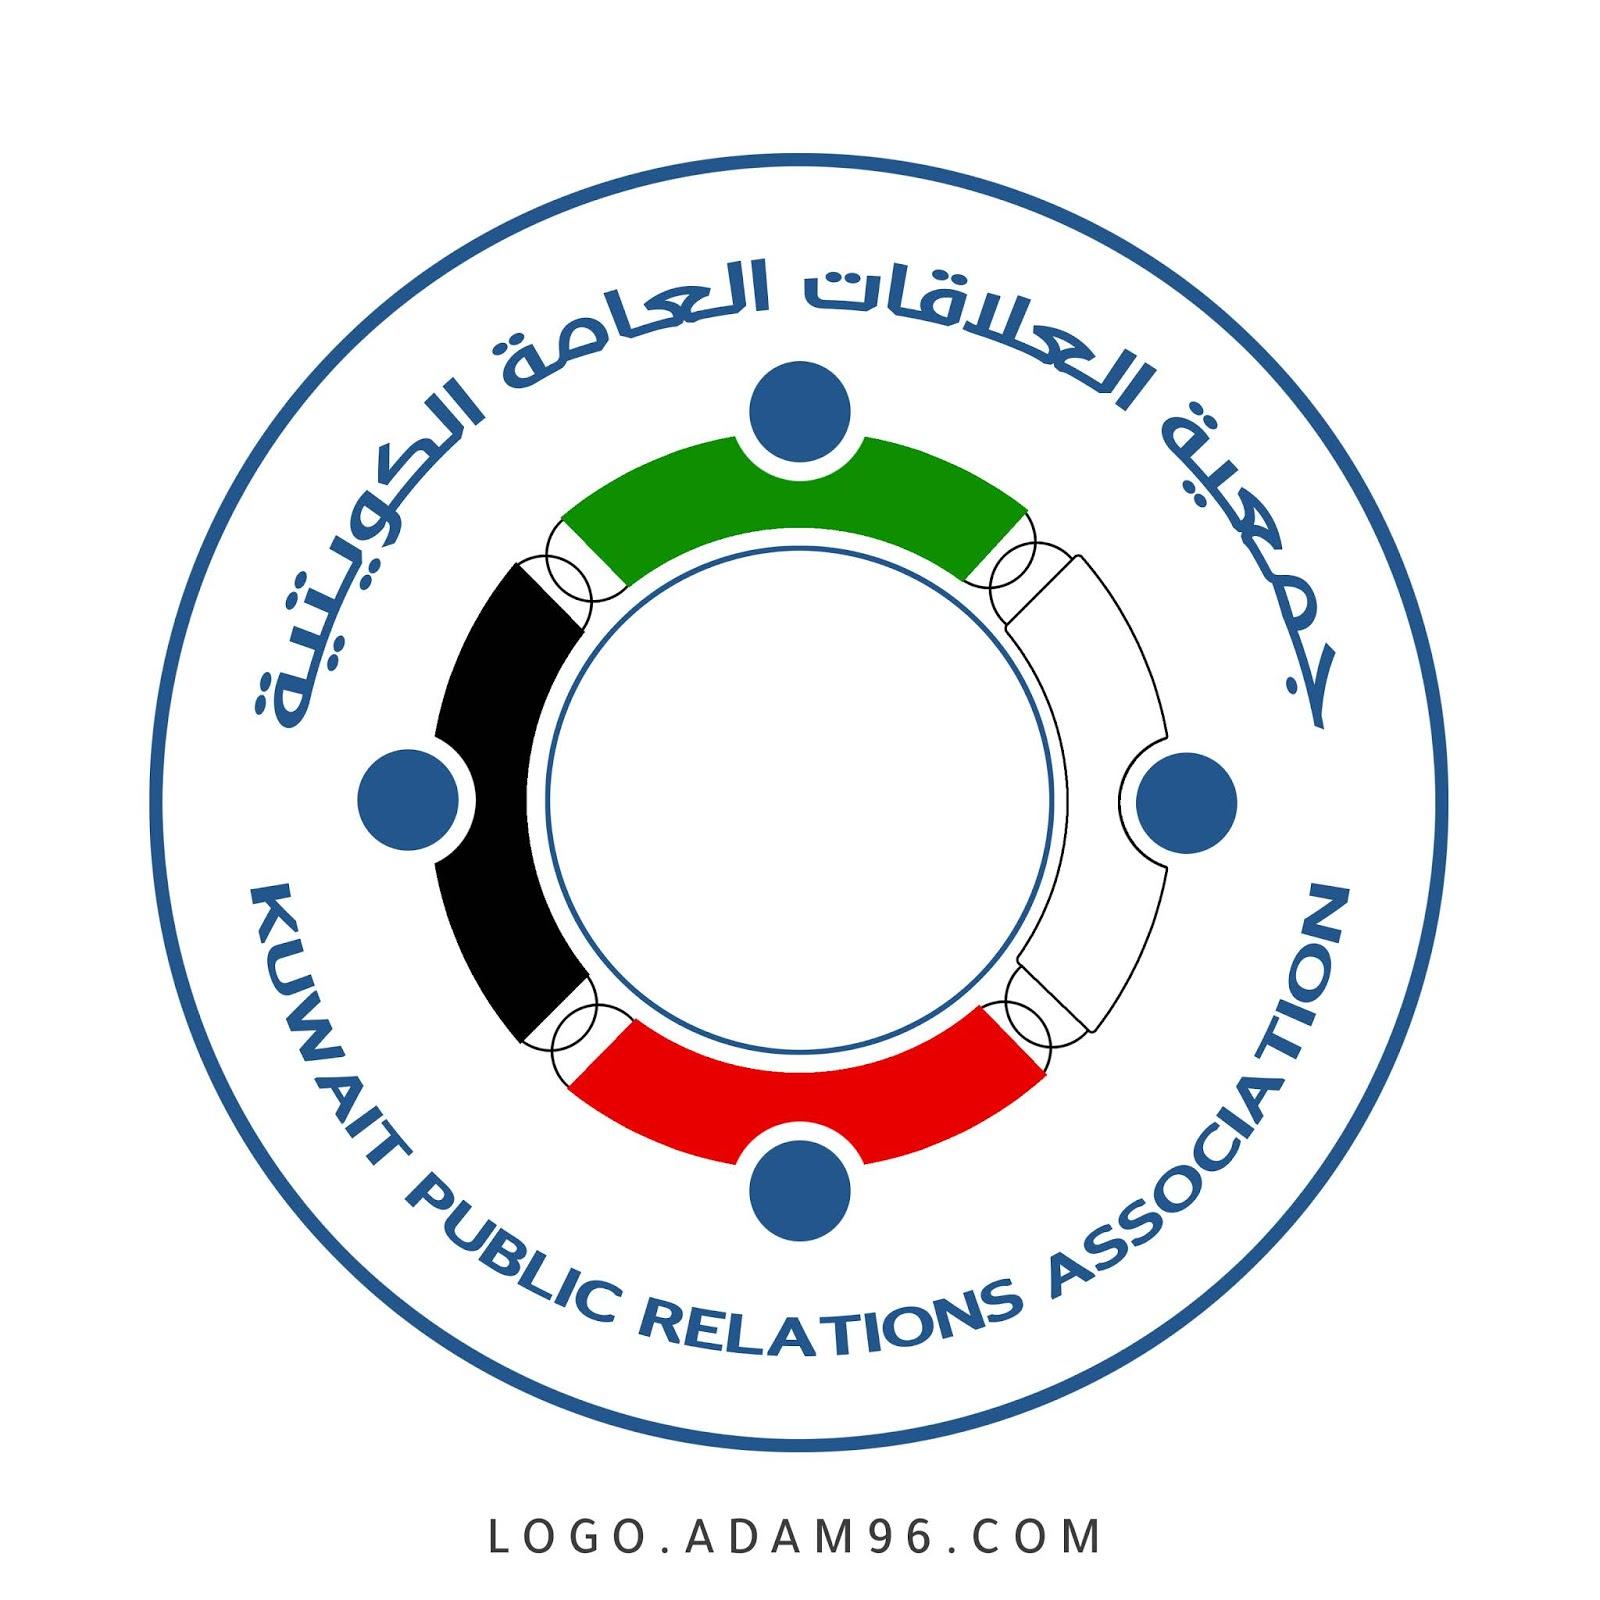 تحميل شعار جمعية العلاقات العامة الكويتية PNG